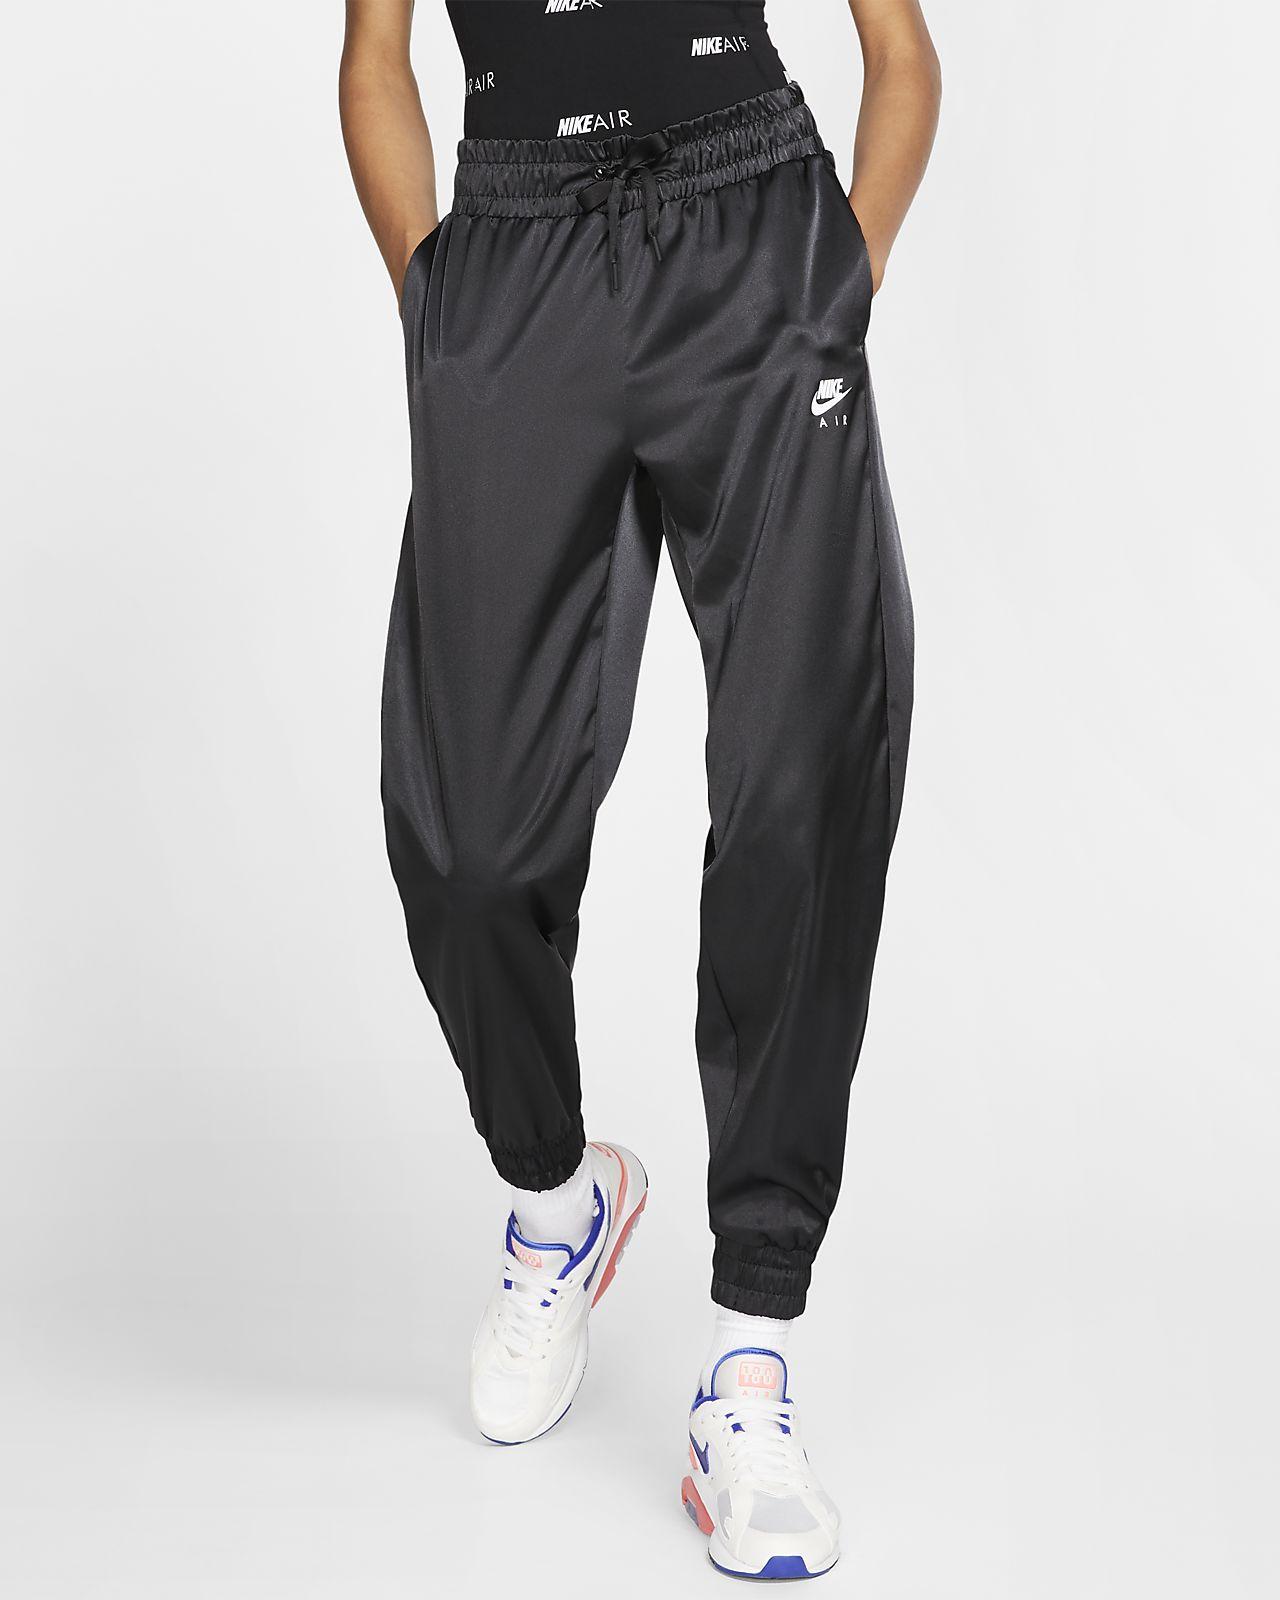 Dámské saténové atletické kalhoty Nike Air